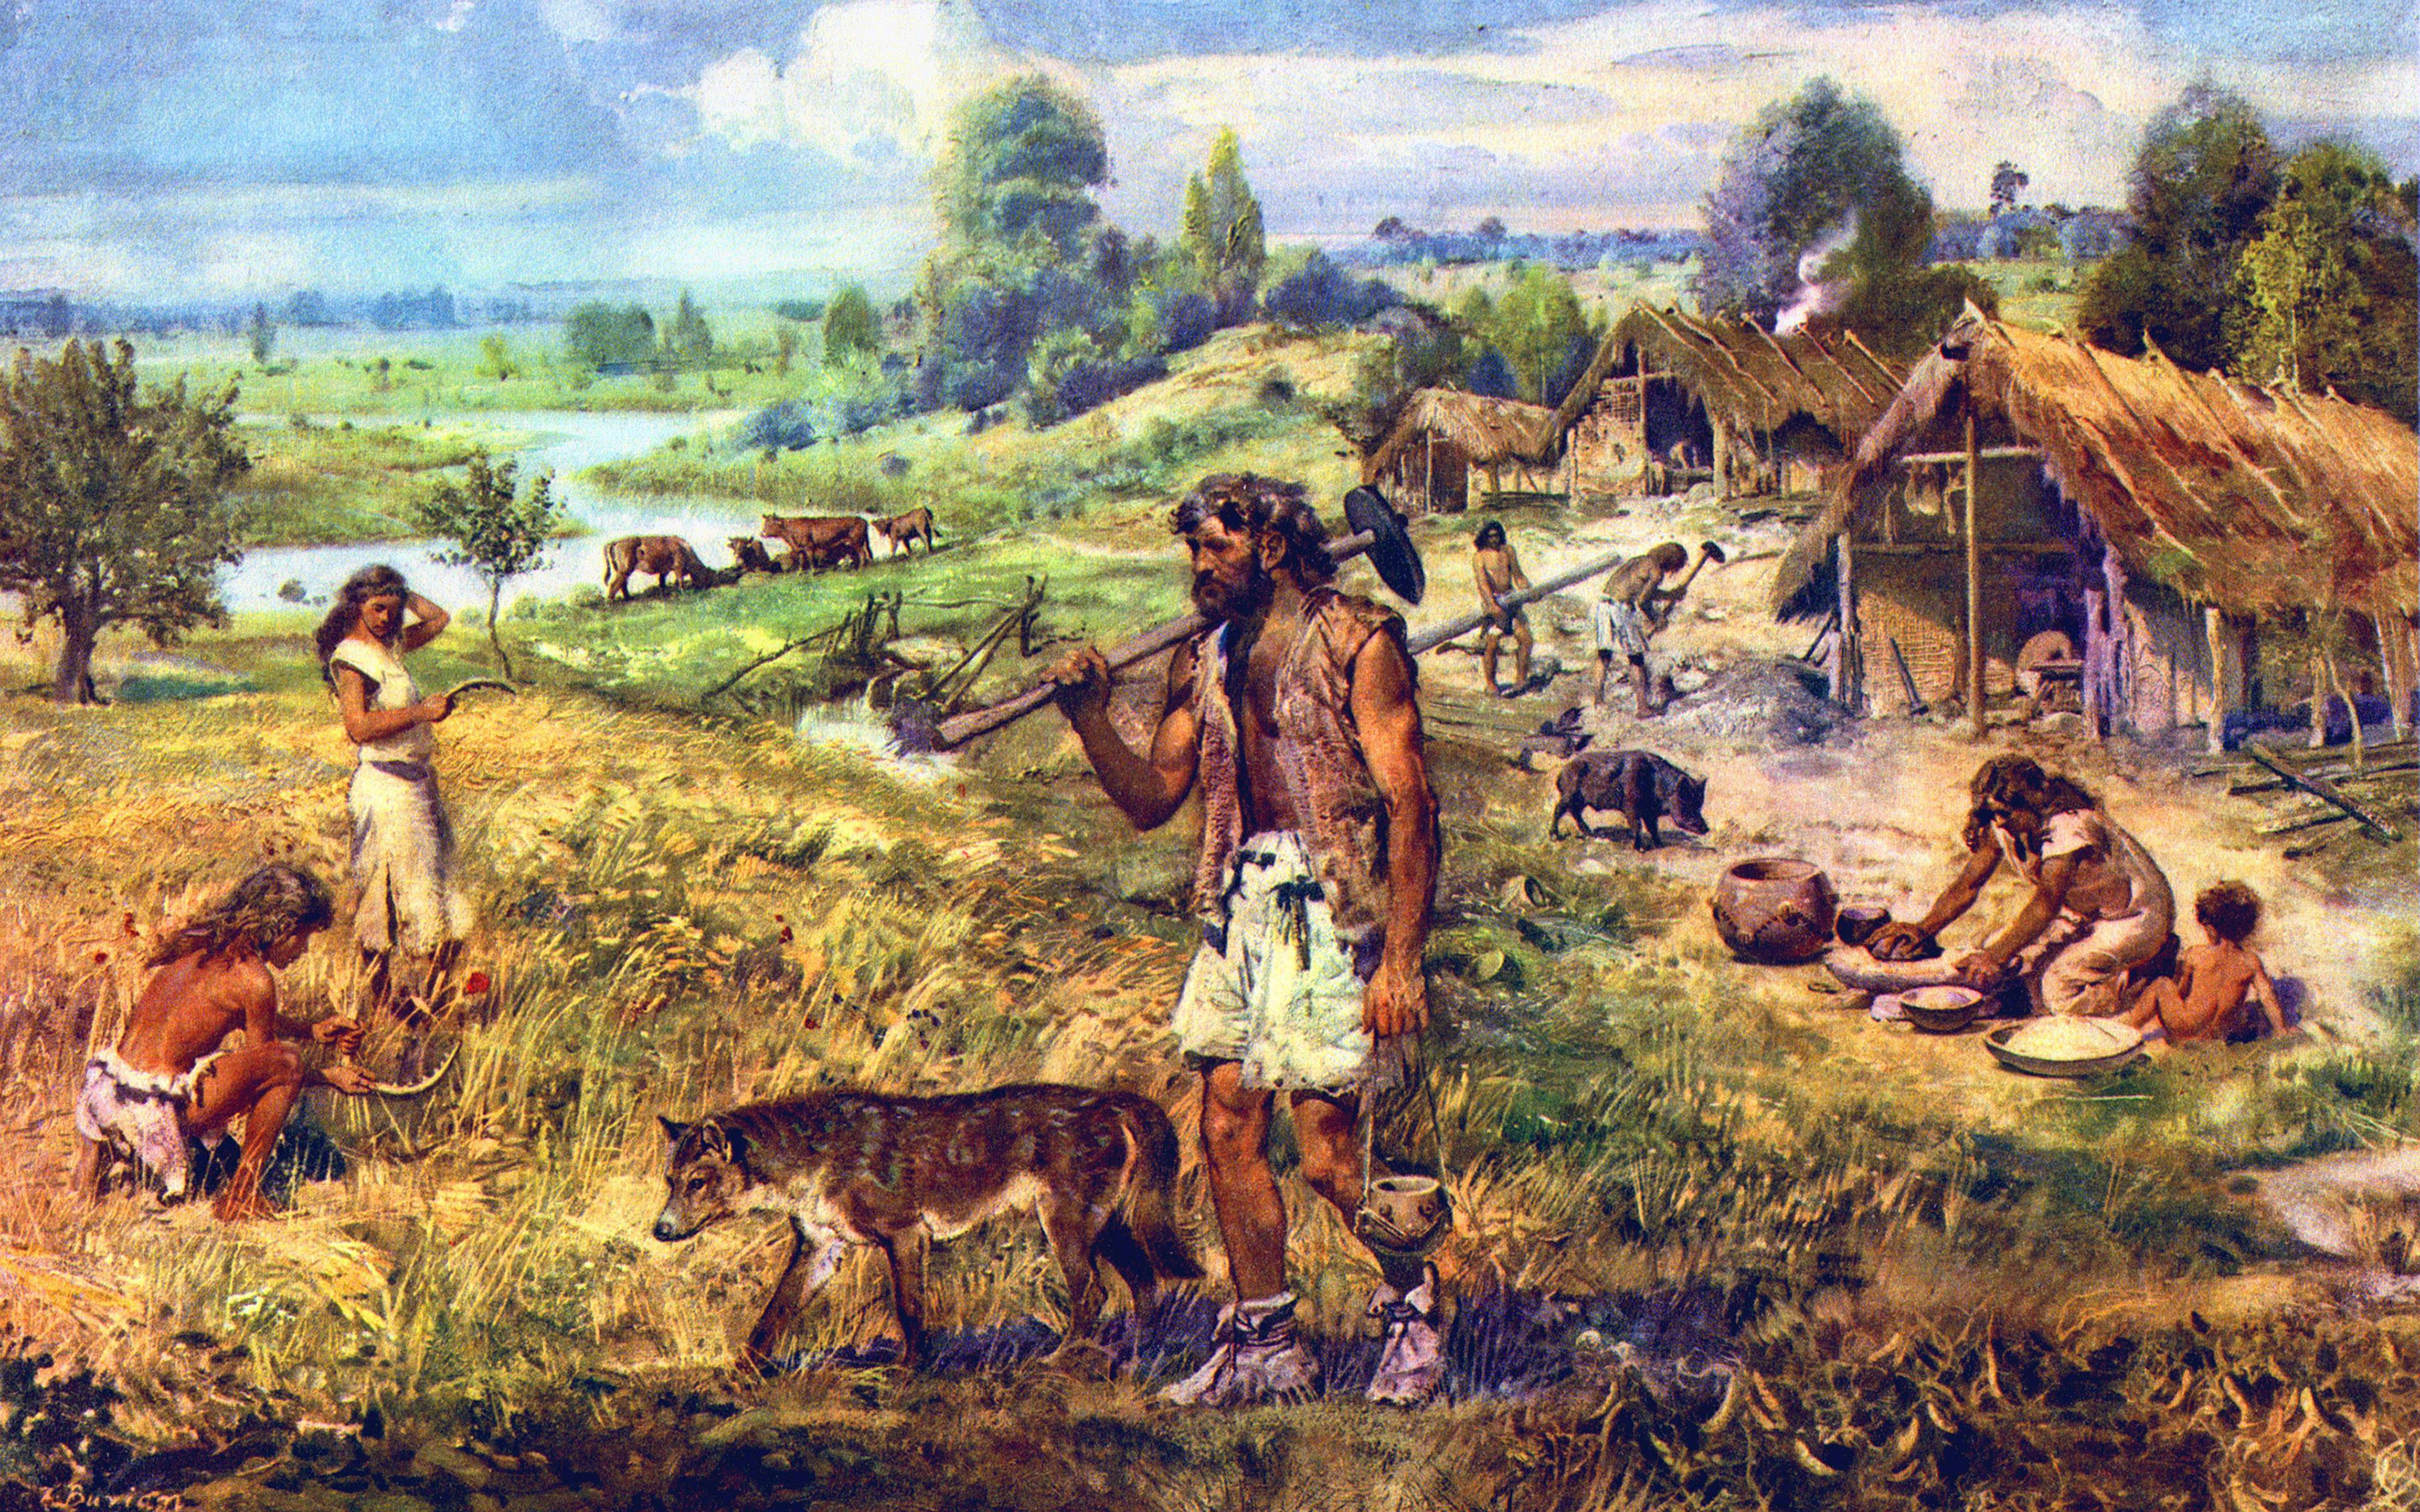 Палеогенетики раскрыли происхождение древних популяций Центральной Европы